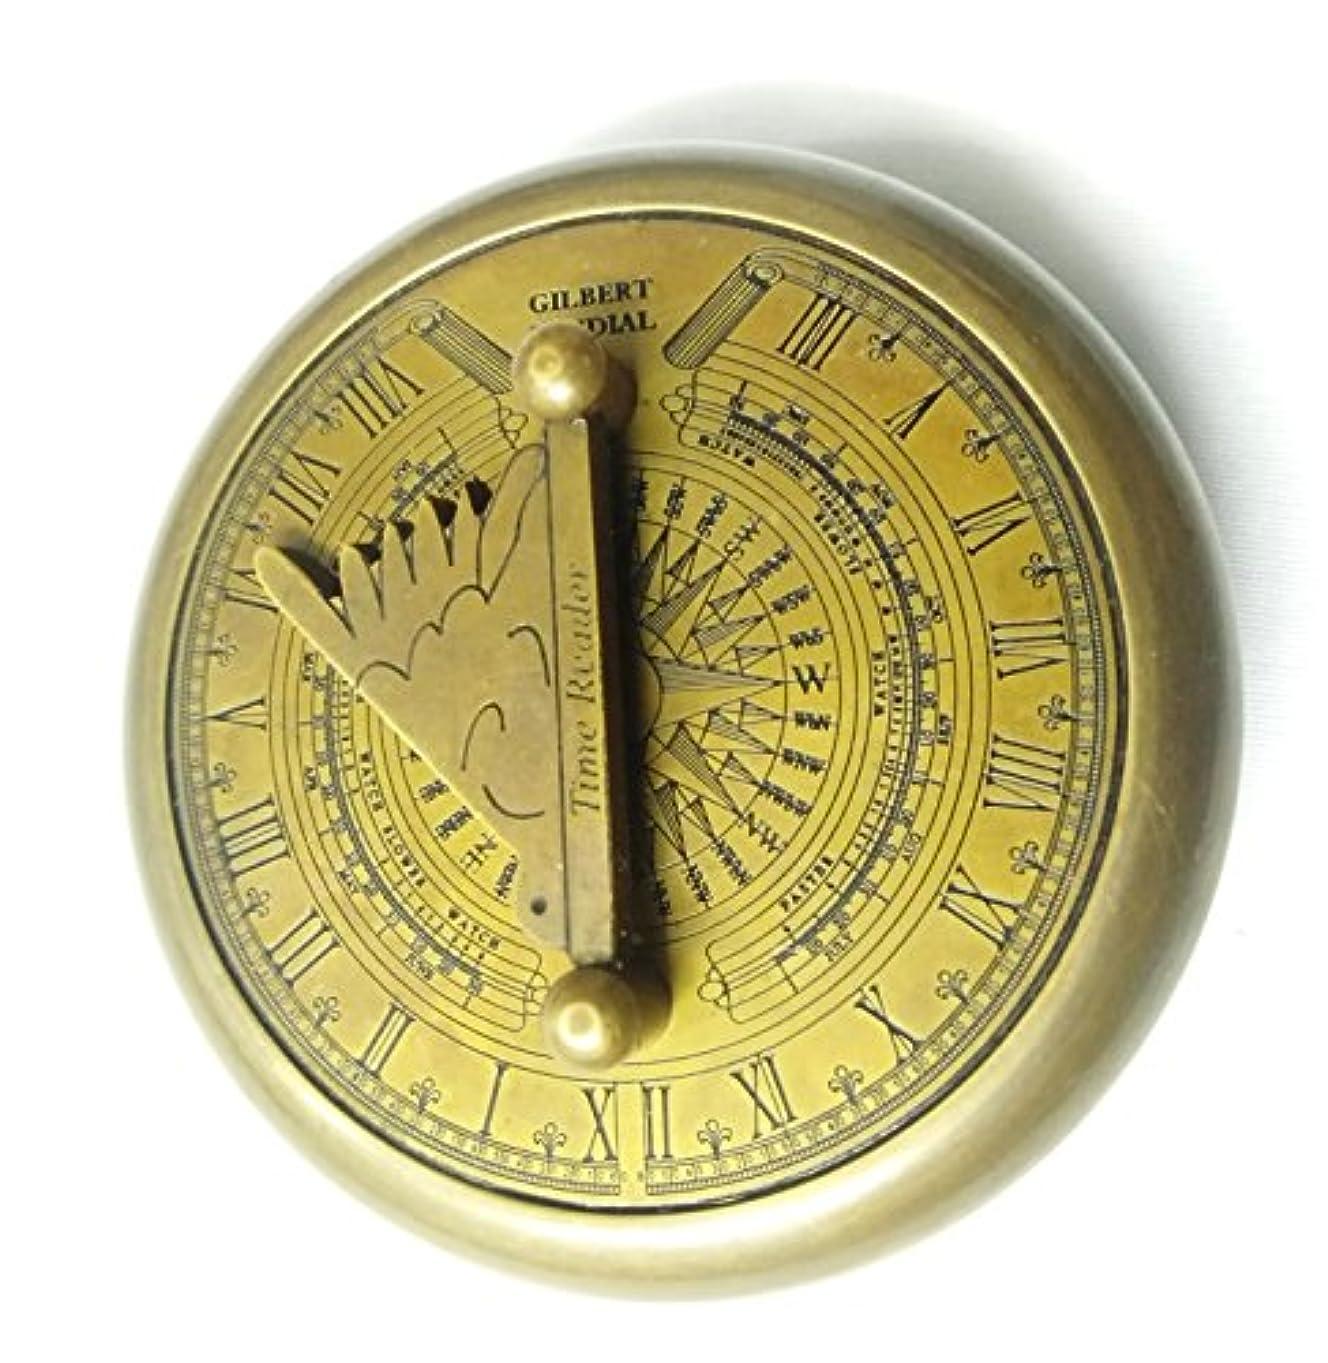 飲み込む旅行幻滅するArtshai Gilbertデザイン磁気コンパスCum時間Finder Sundial